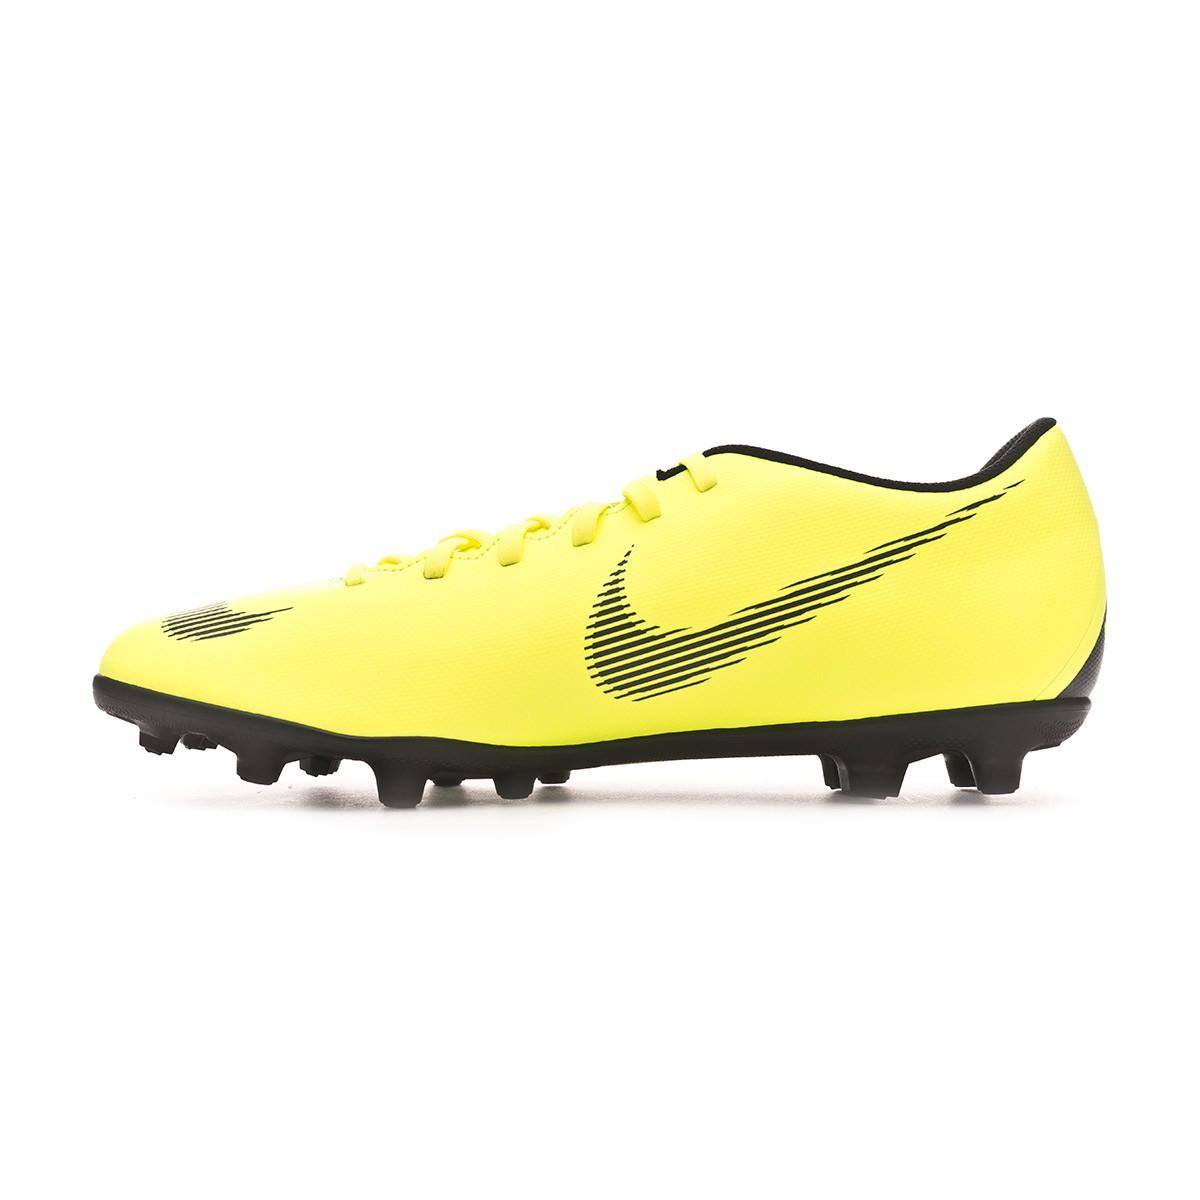 e2511135586d6 Bota de fútbol Nike Mercurial Vapor XII Club MG Volt-Black - Tienda de fútbol  Fútbol Emotion